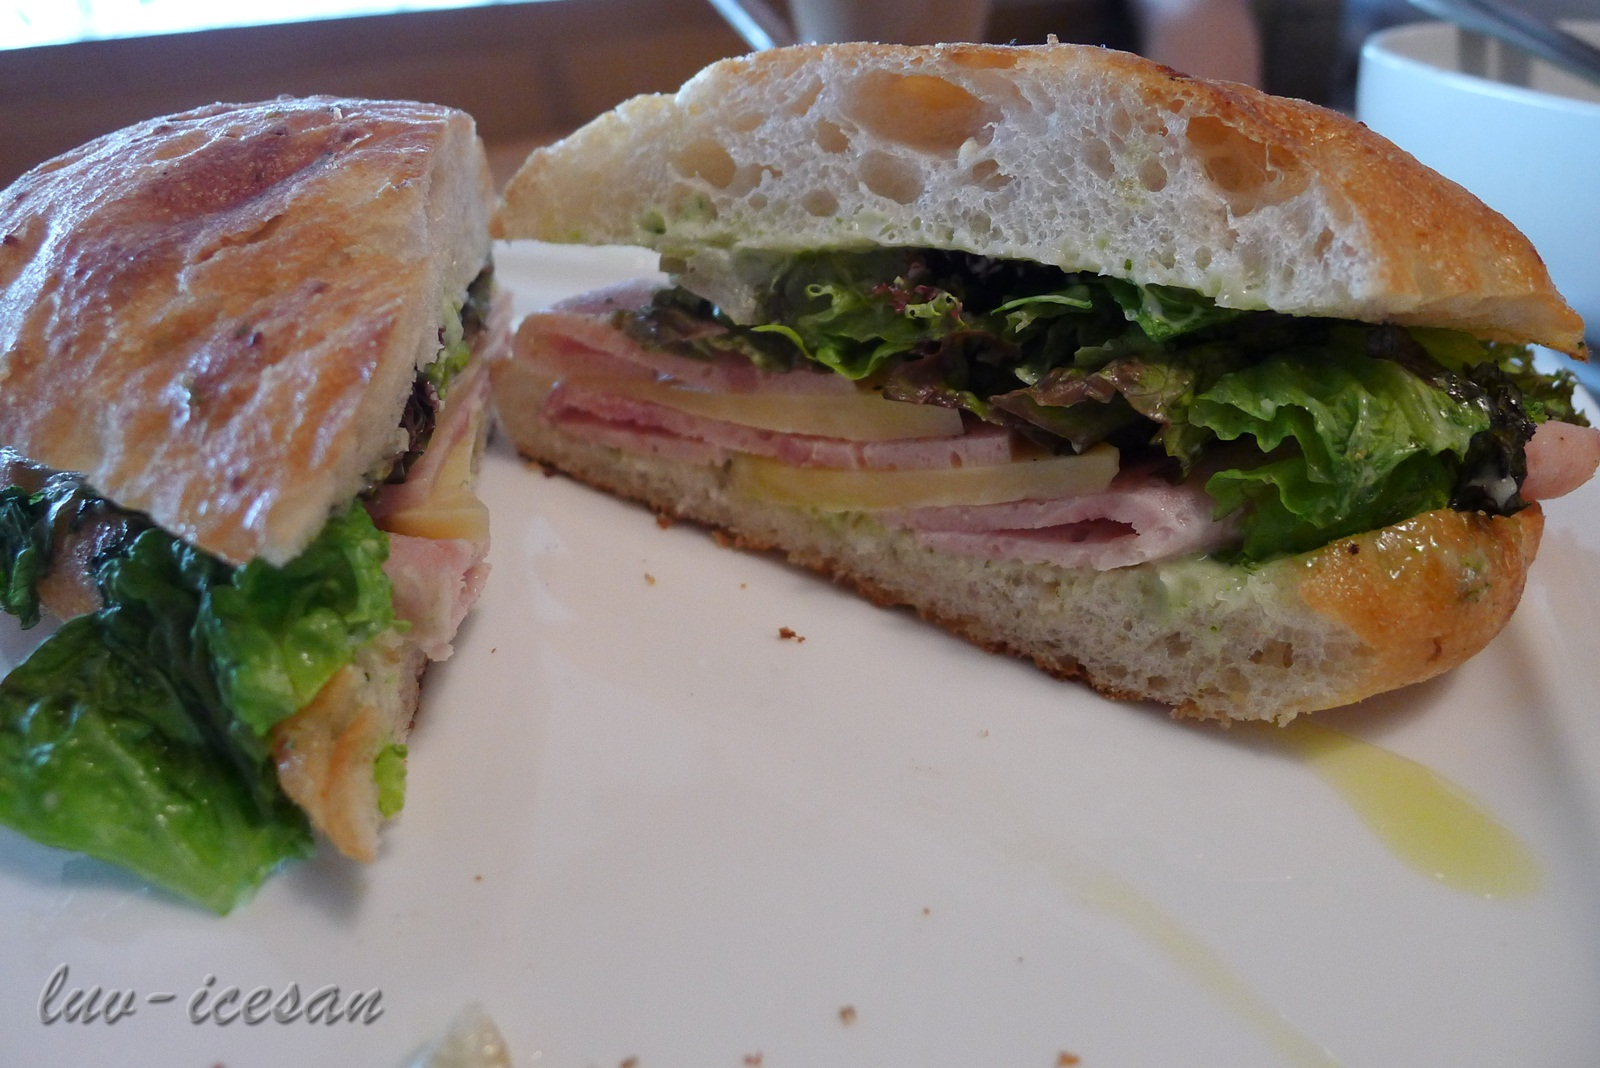 Cafe Baci Italian Restaurant Hempstead Tpke Ny